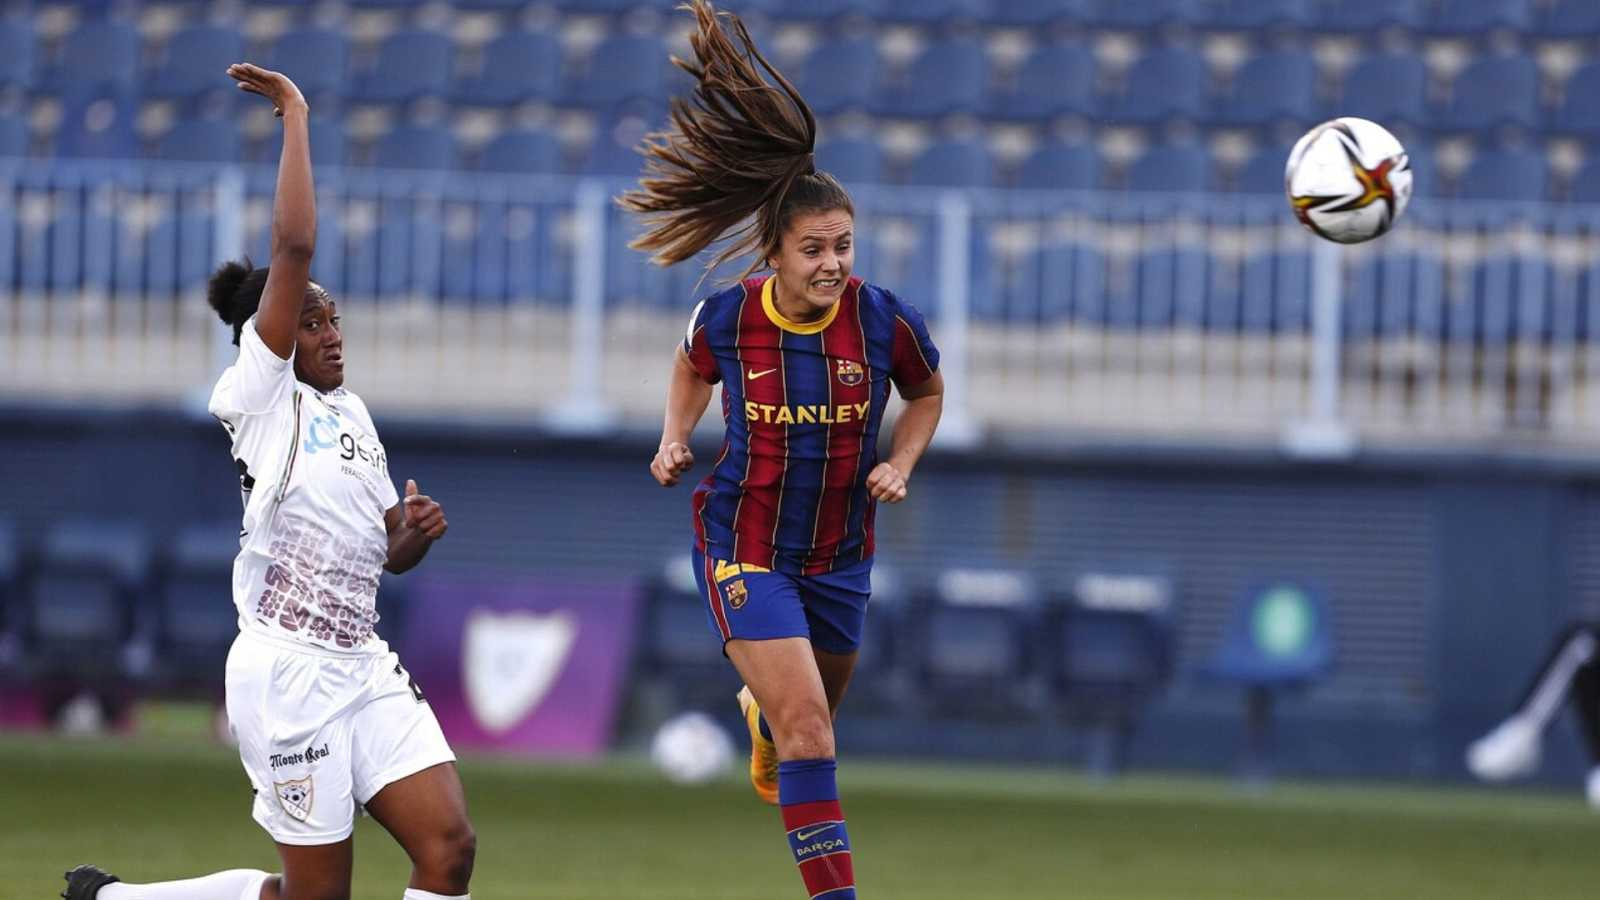 Fútbol - Copa de la Reina Final: EDF Logroño - FC Barcelona - ver ahora